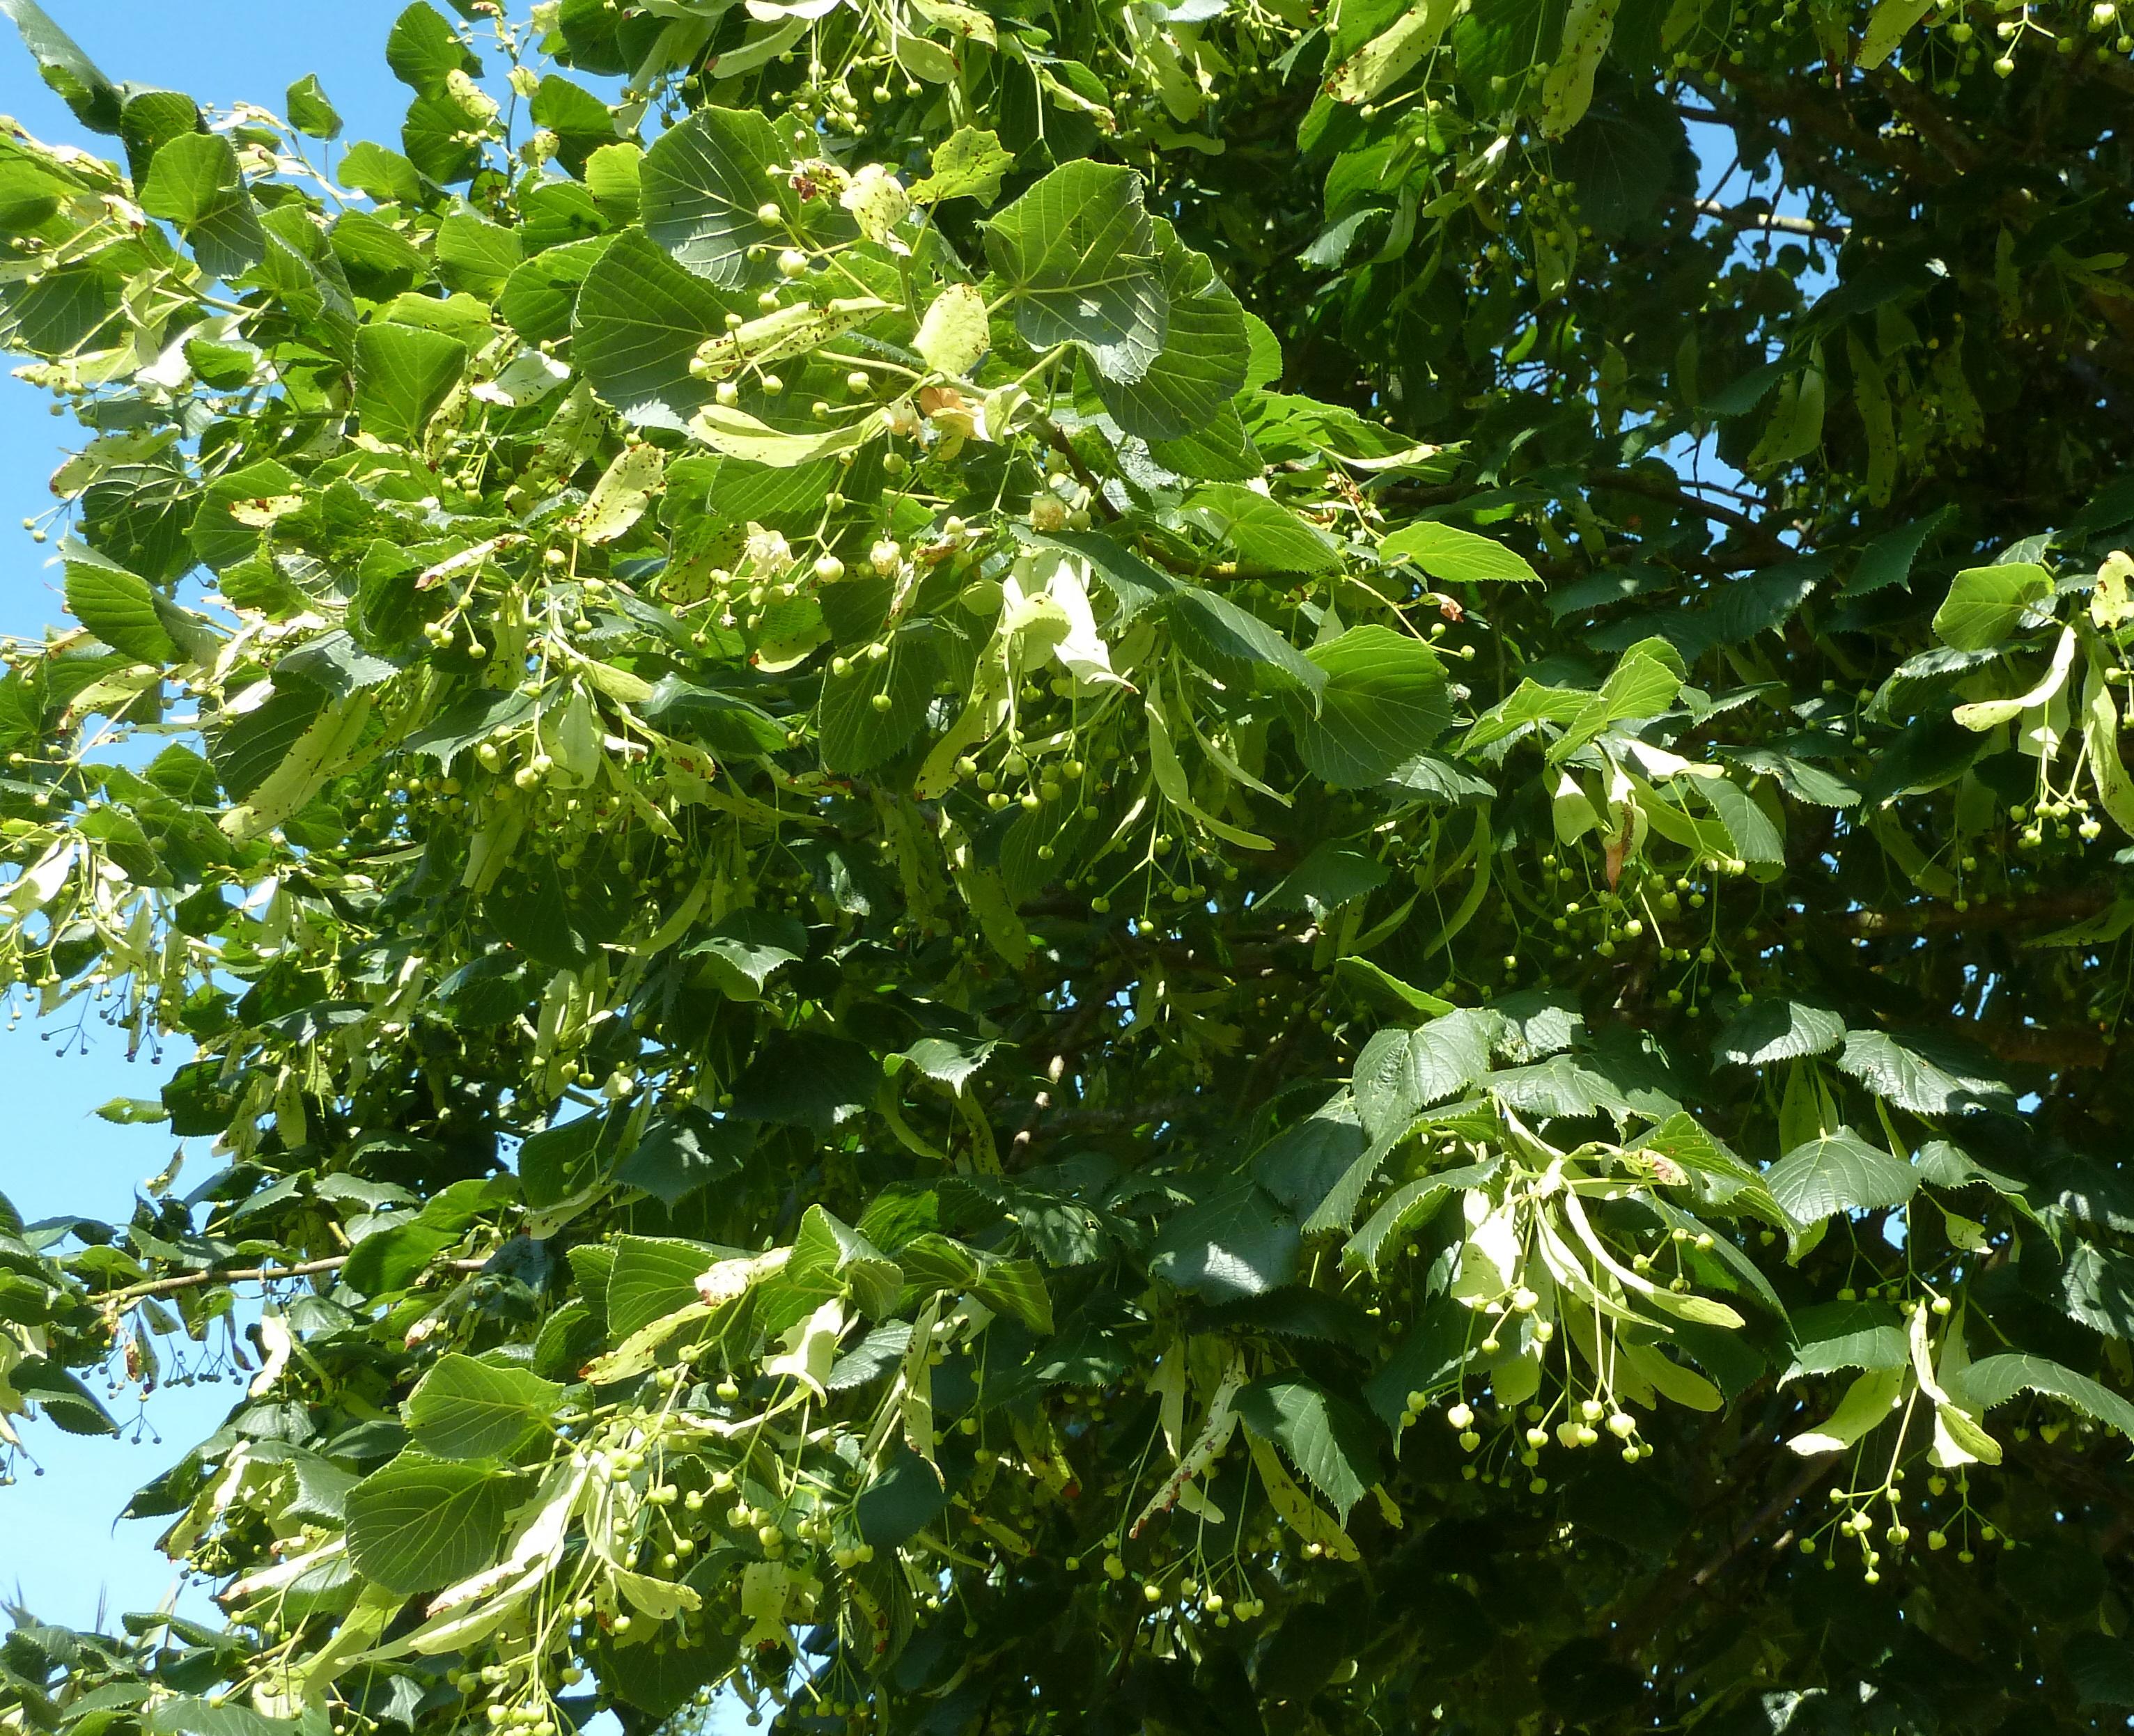 Tilleul a grandes feuilles les taxinomes - Tilleul a grandes feuilles ...